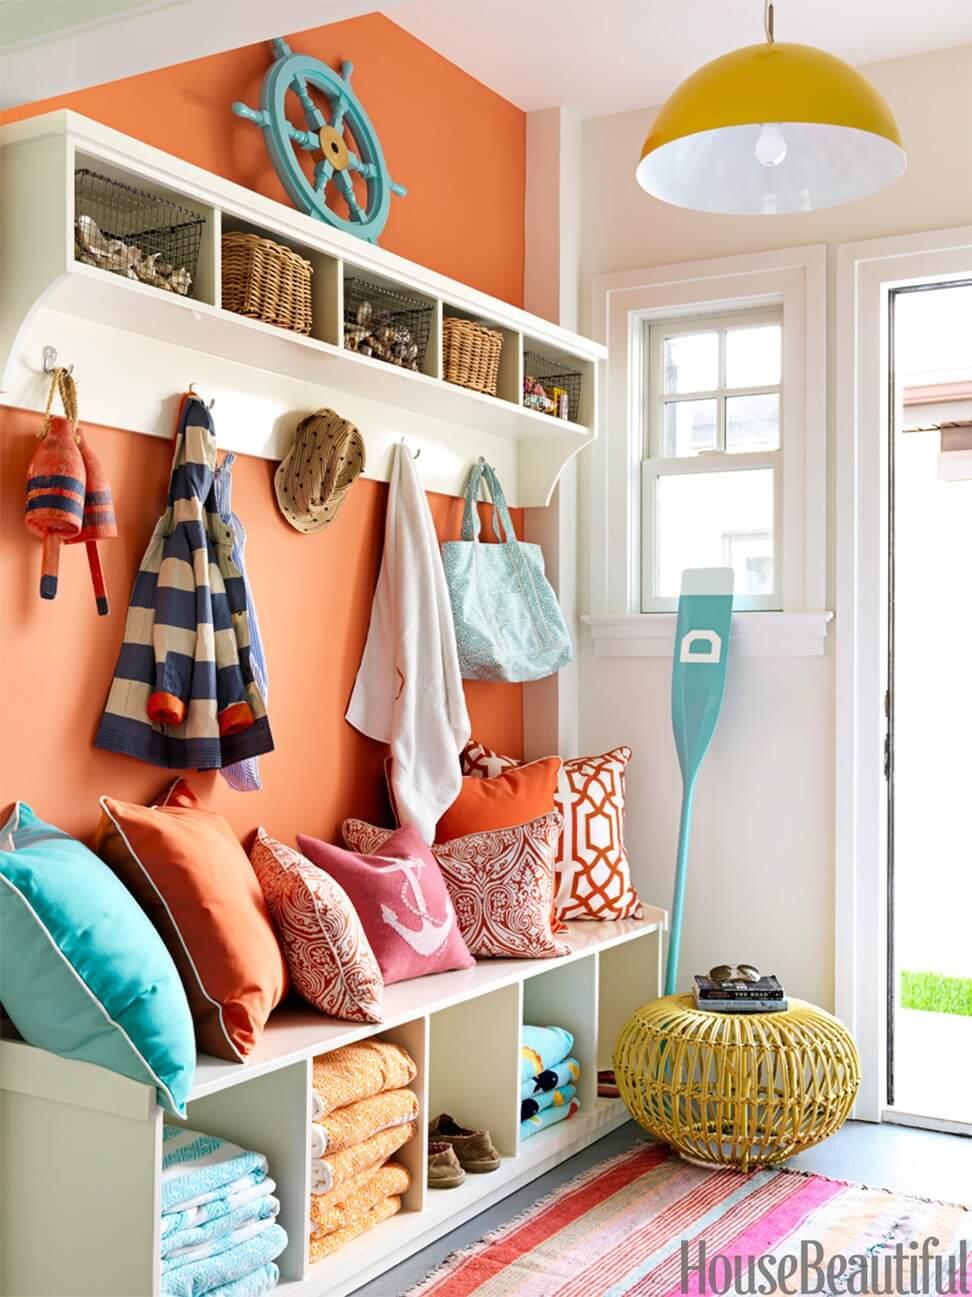 Choix de couleurs vives et ensoleillées